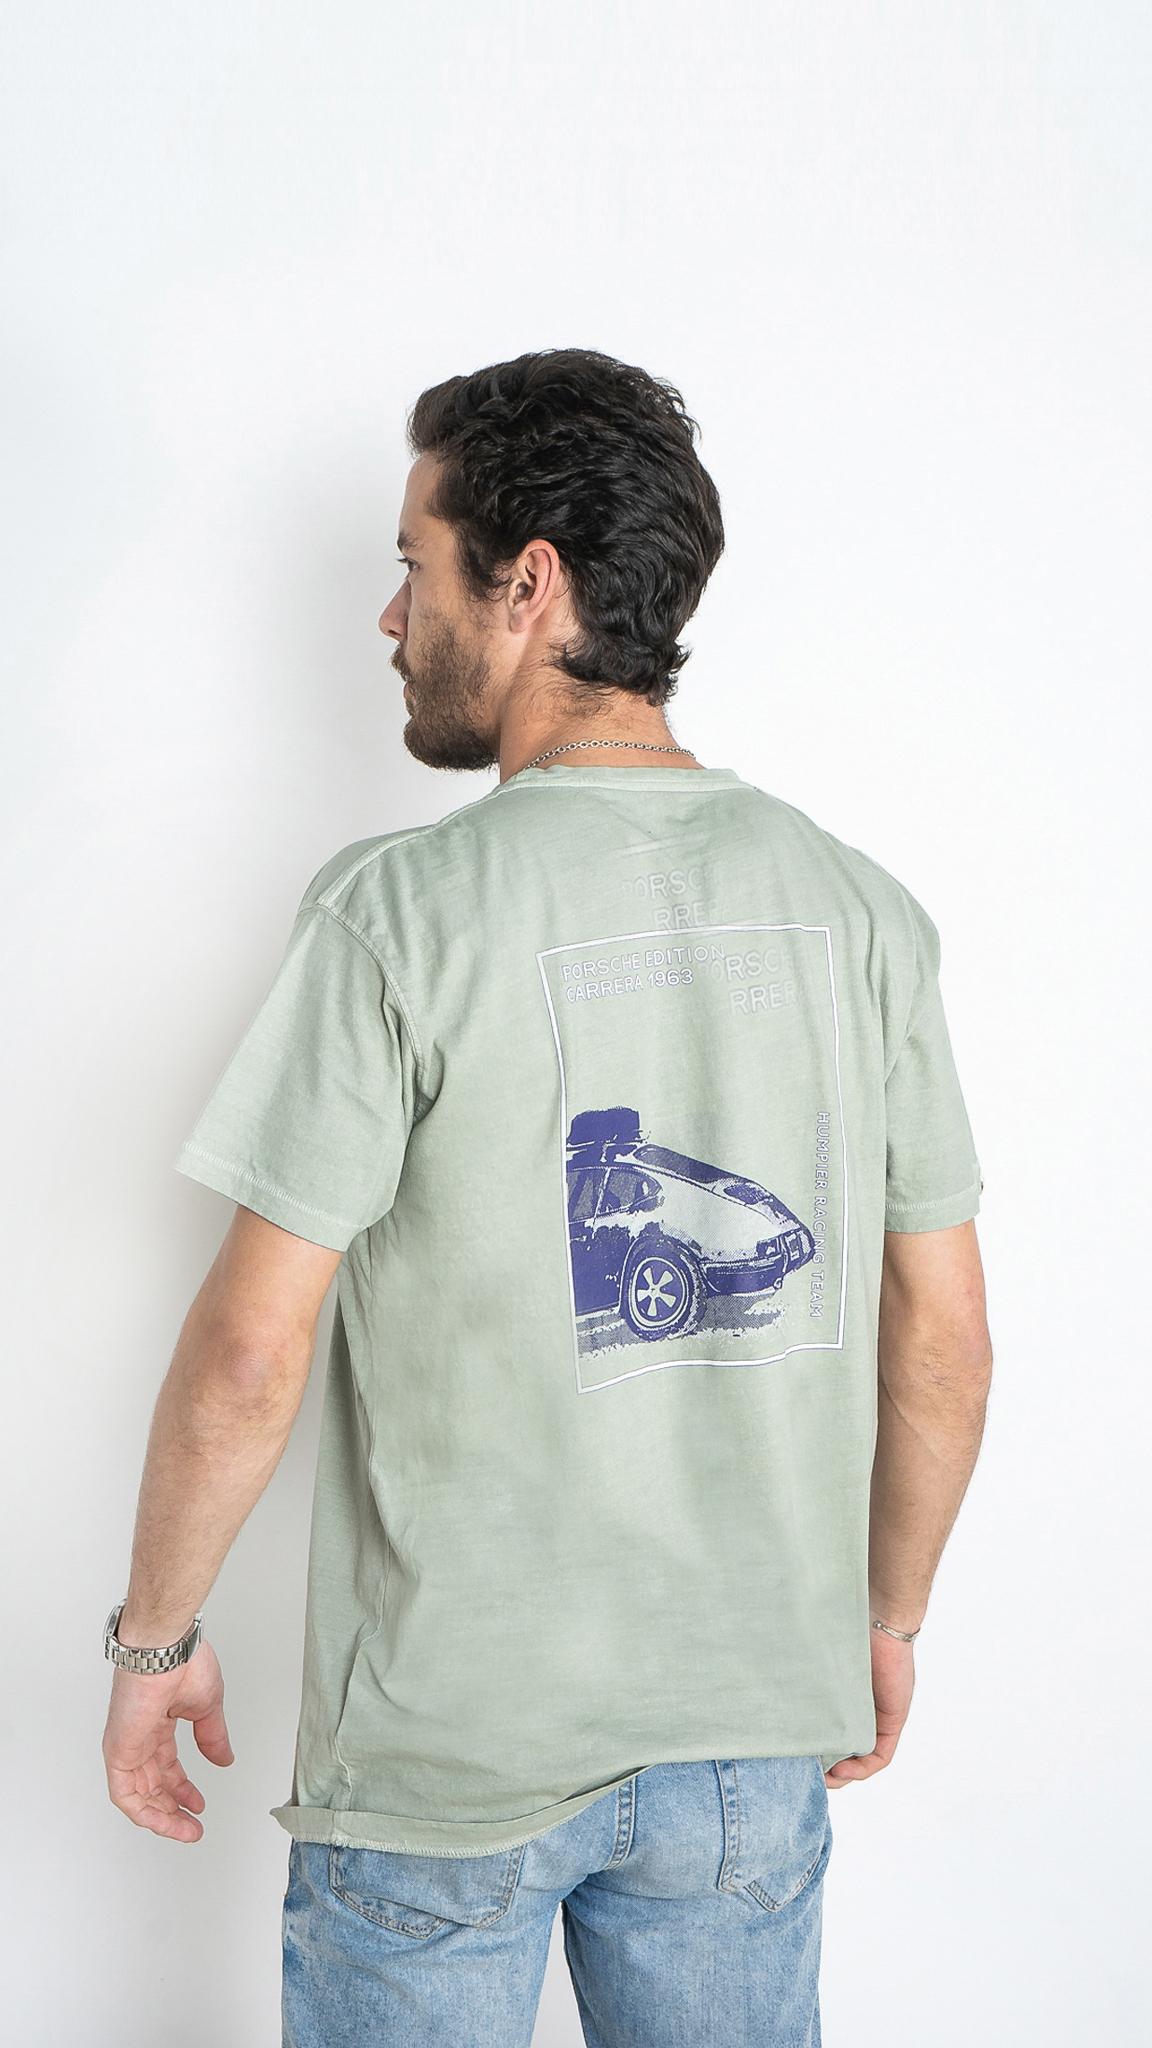 Camiseta What a Porsche 1963 | Humpier | Edición limitada